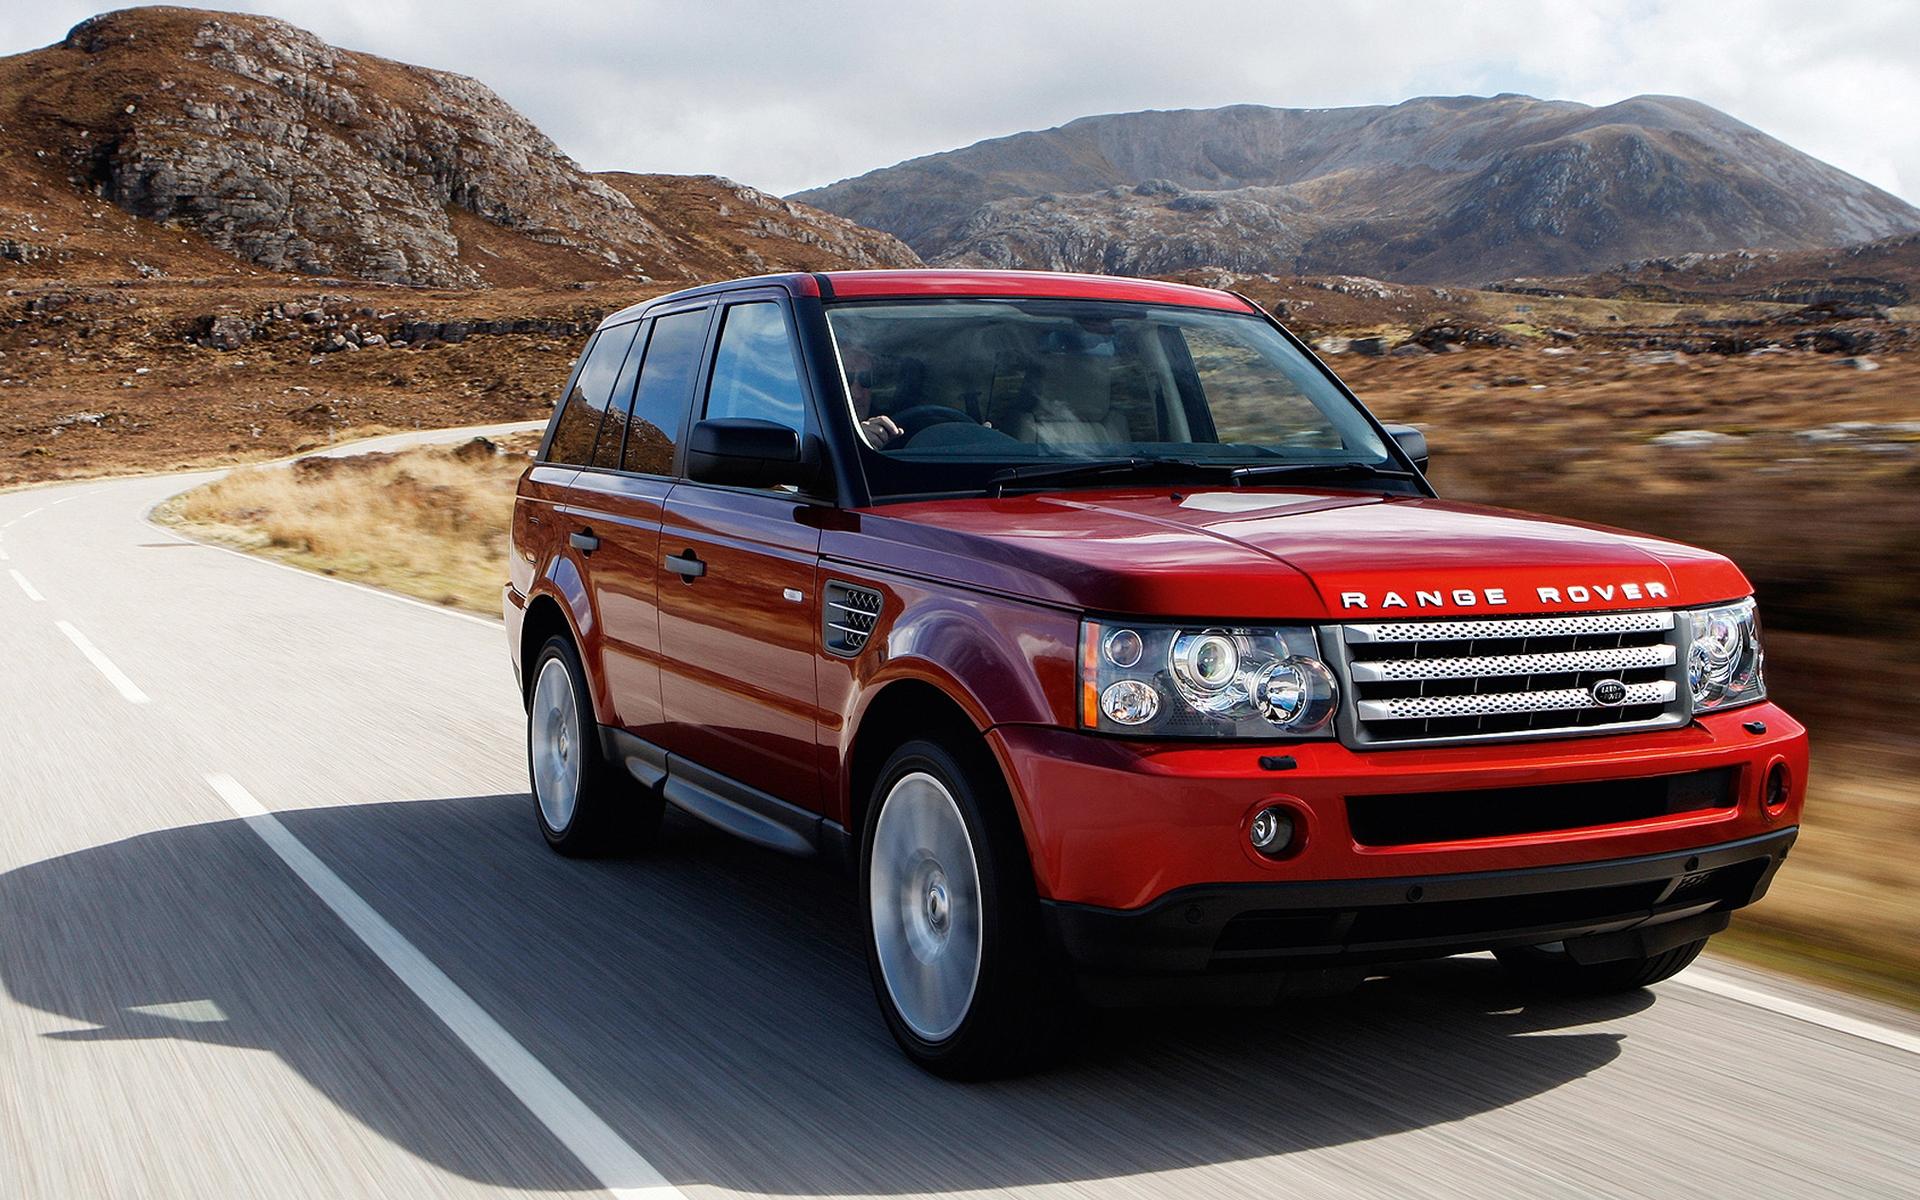 Red Range Rover Wallpaper - WallpaperSafari